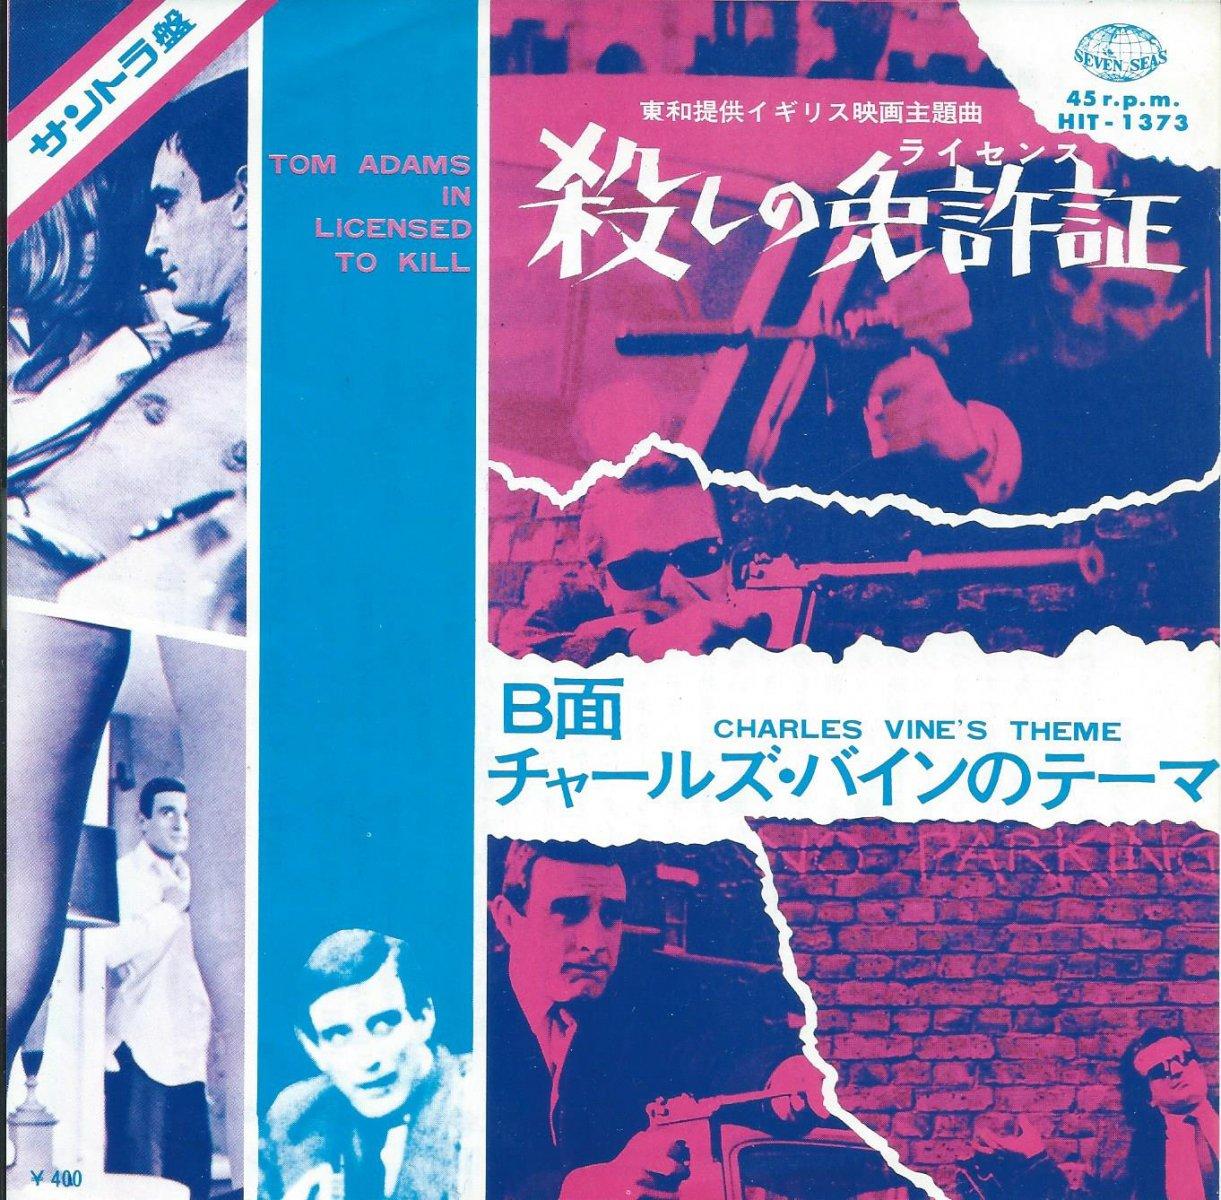 O.S.T.(バートラム・チャペル BERTRAM CHAPPELL) / LICENCED TO KILL (東和提供・イギリス映画・殺しの免許証) (7